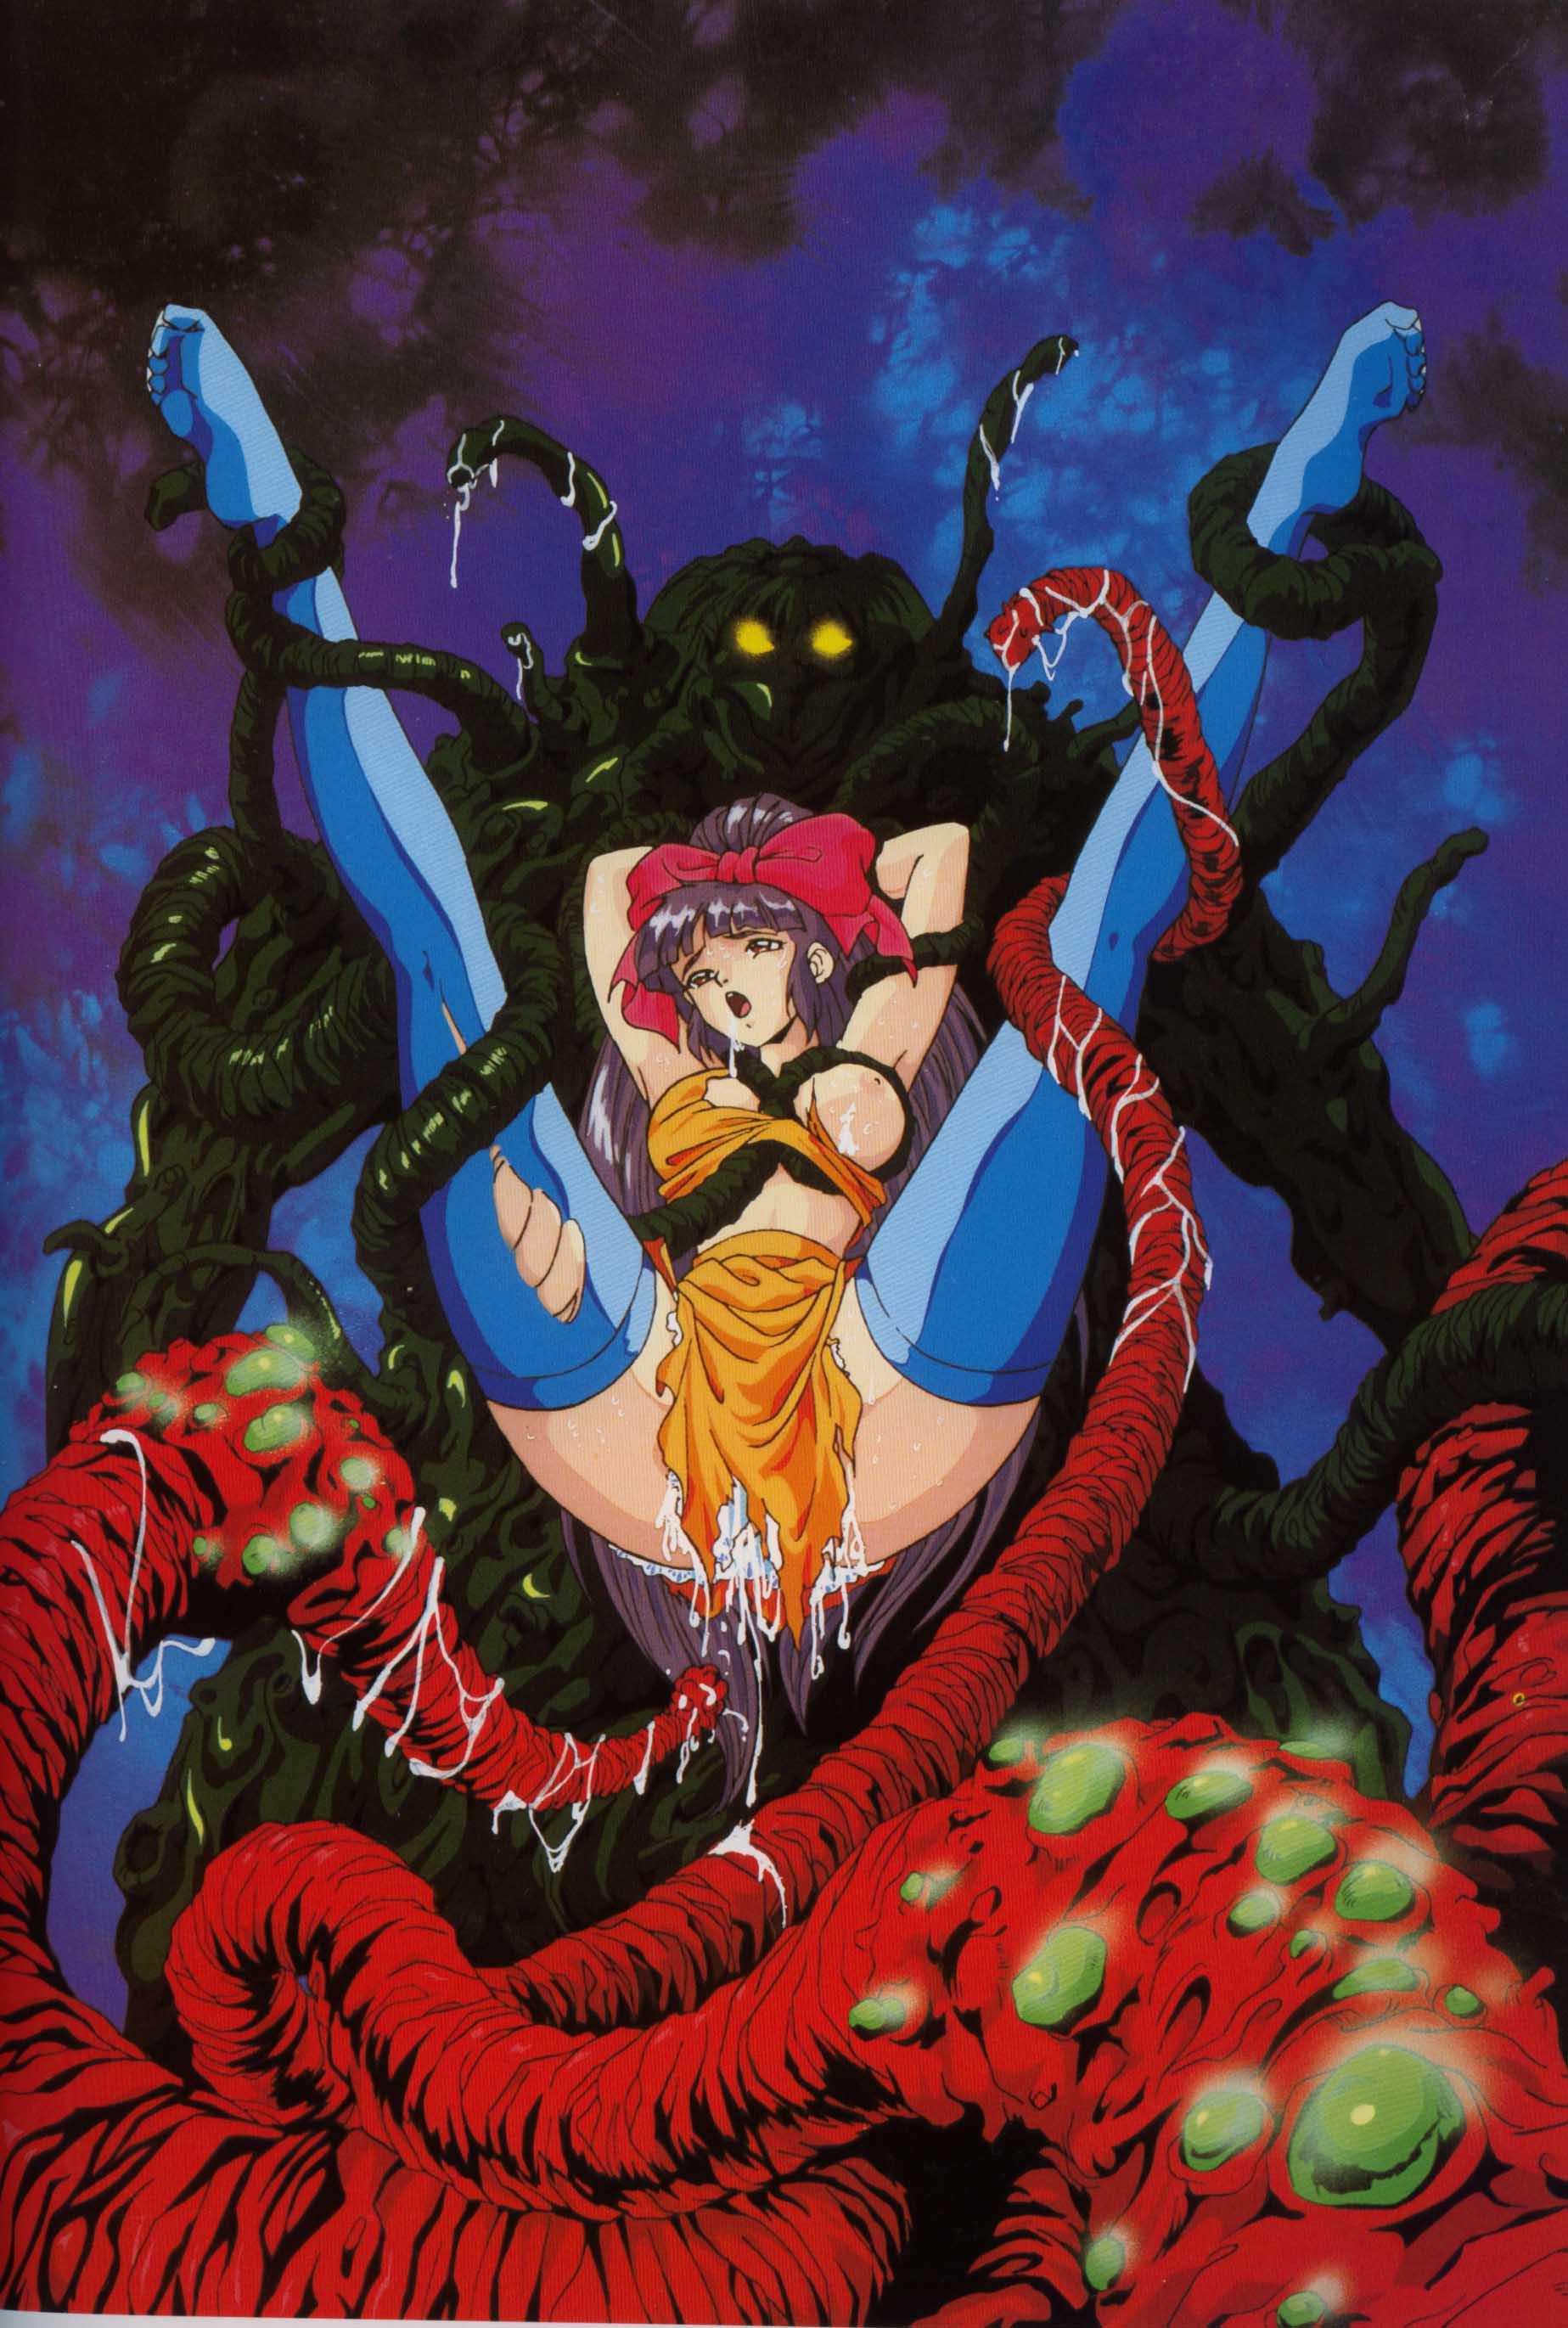 blue nin nin girl la Dead by daylight